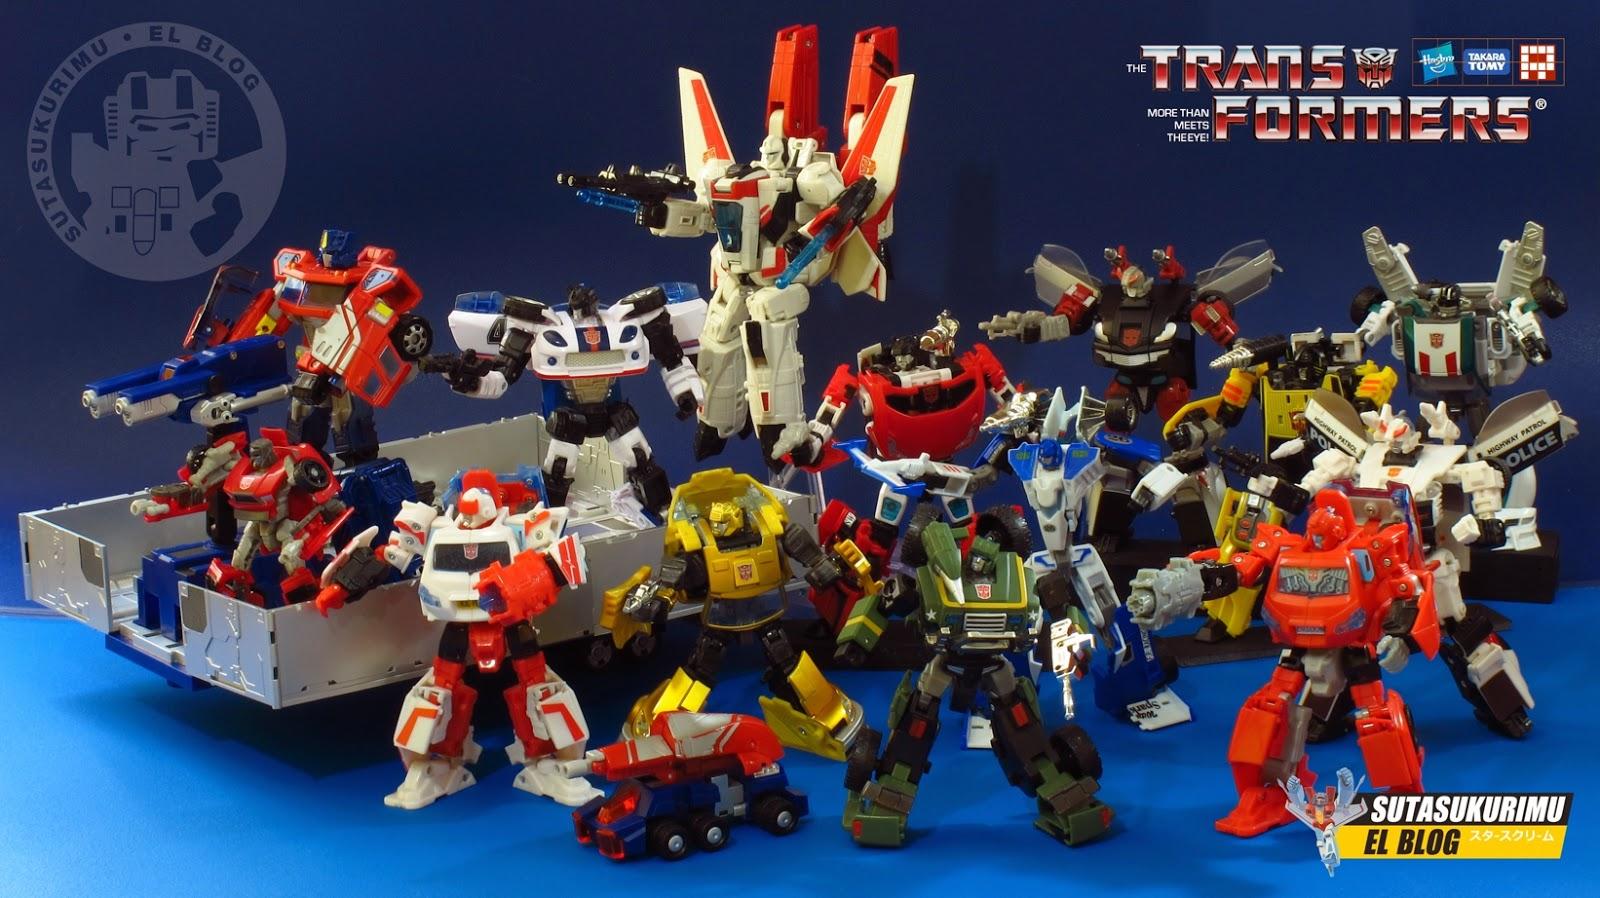 Juguetes de Los Transformers de Hasbro